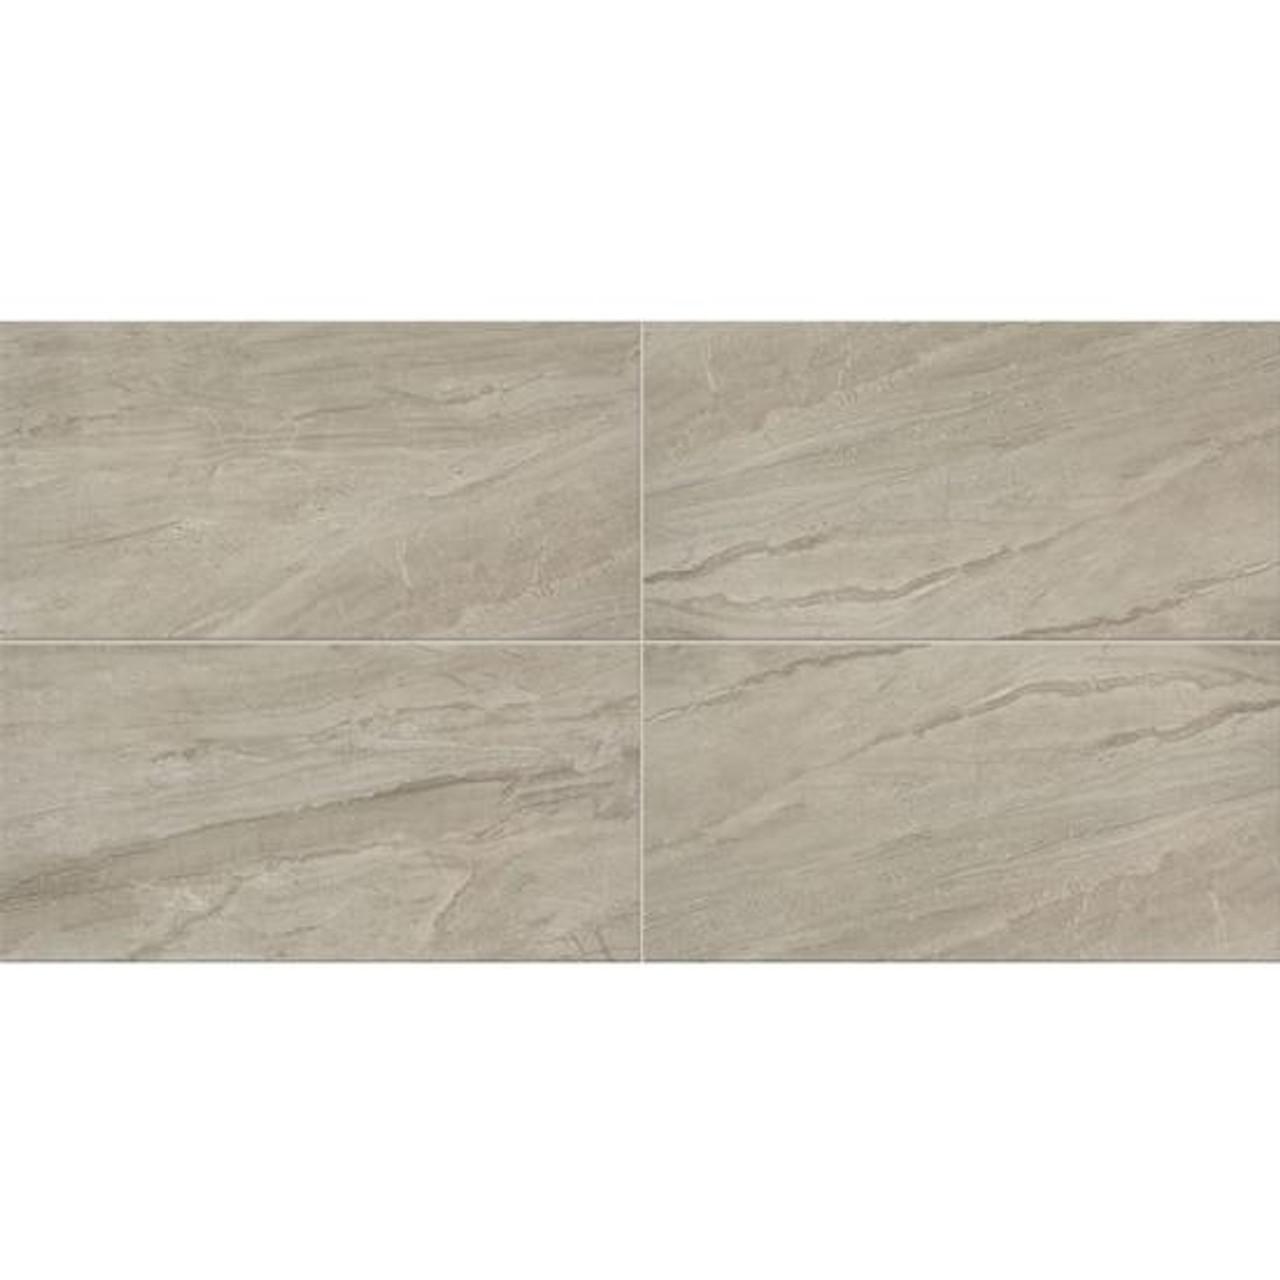 impresa light gray ceramic floor tile 12x24